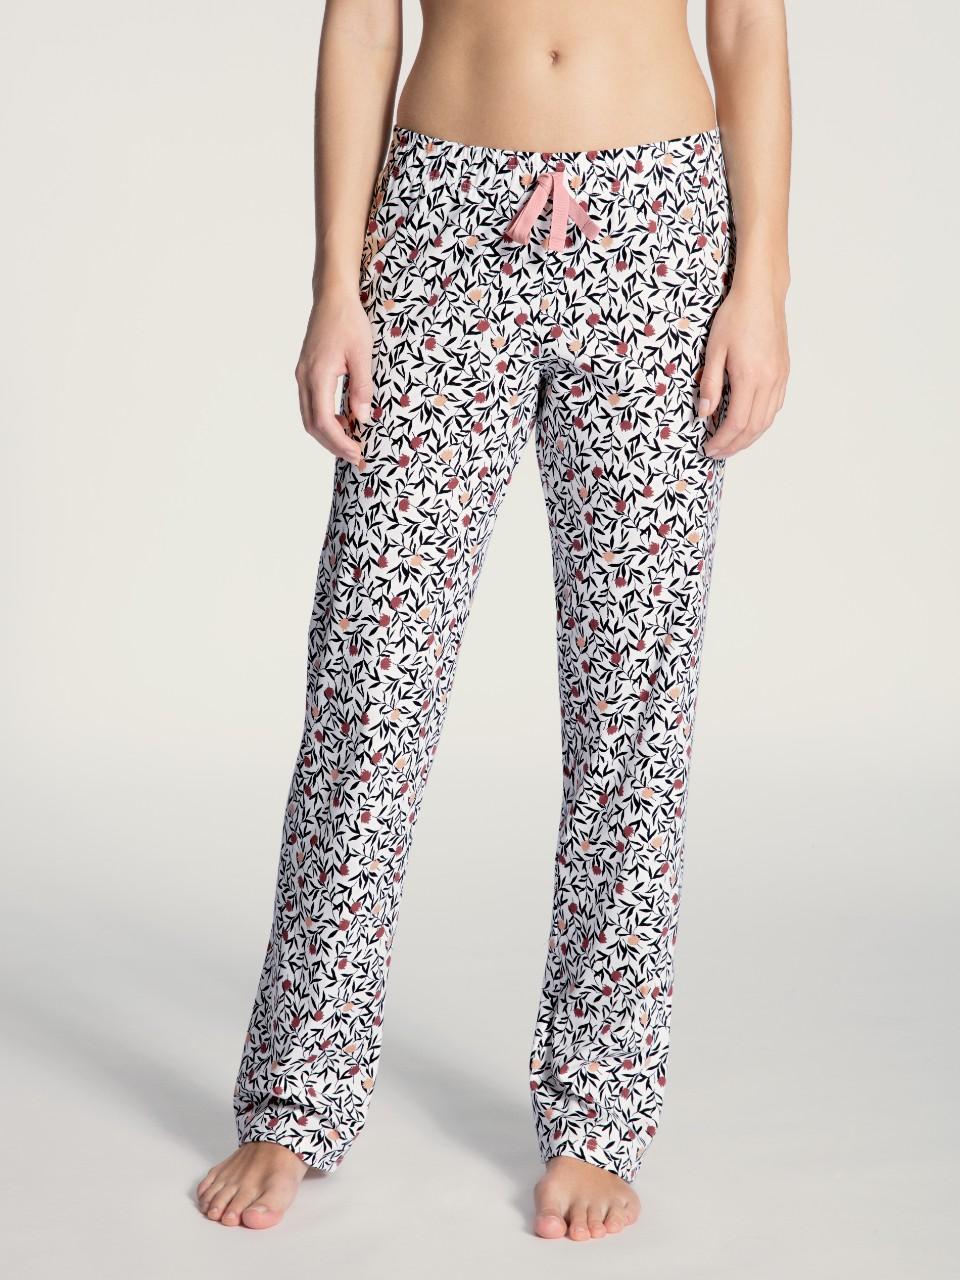 29939 pantalon 100% coton interlock Prix : 49.95 €